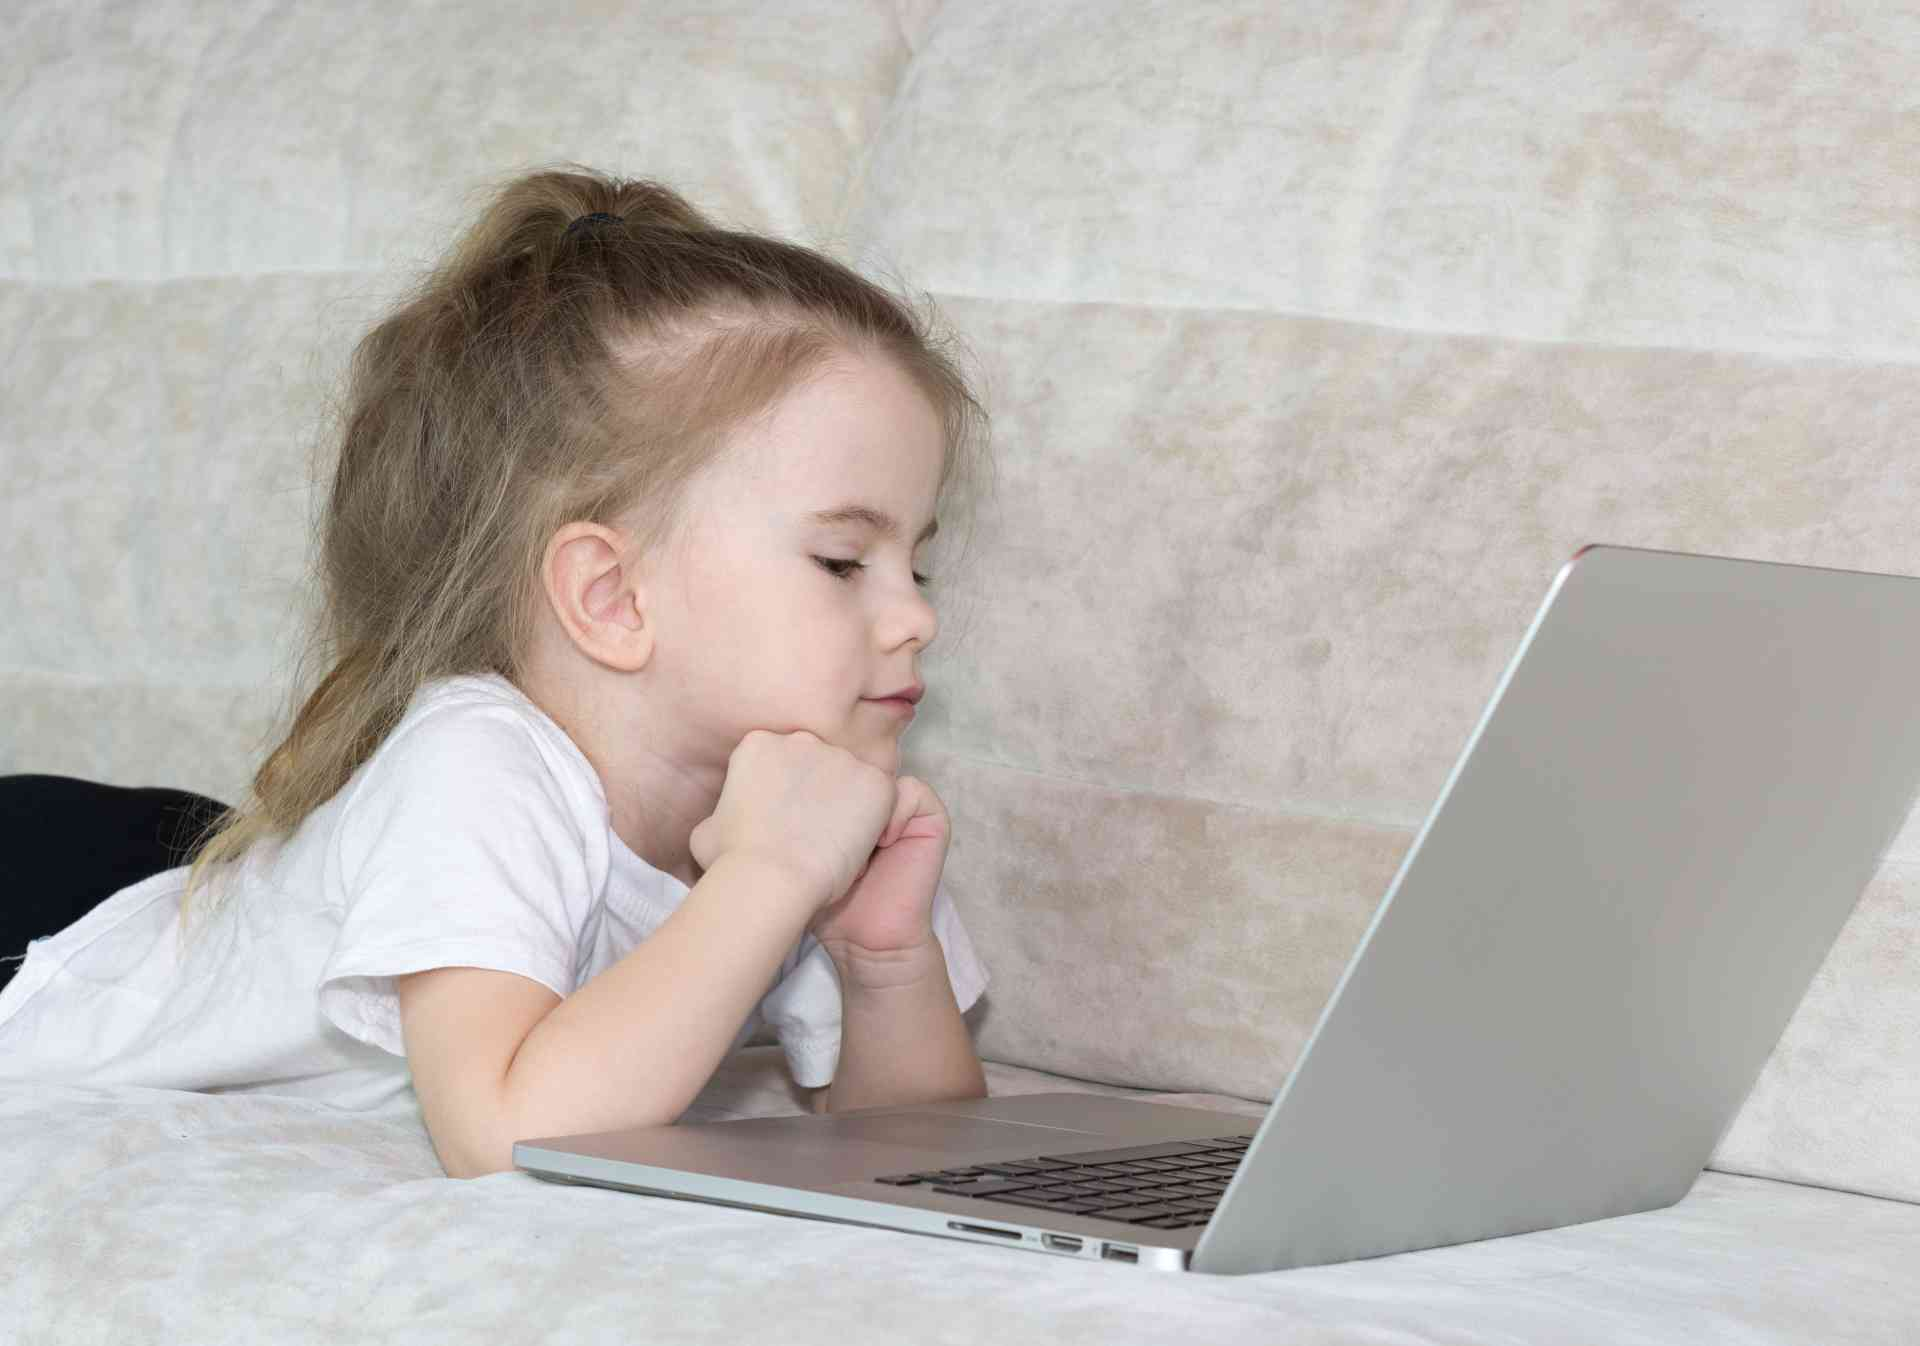 Une petite fille devant un ordinateur portable